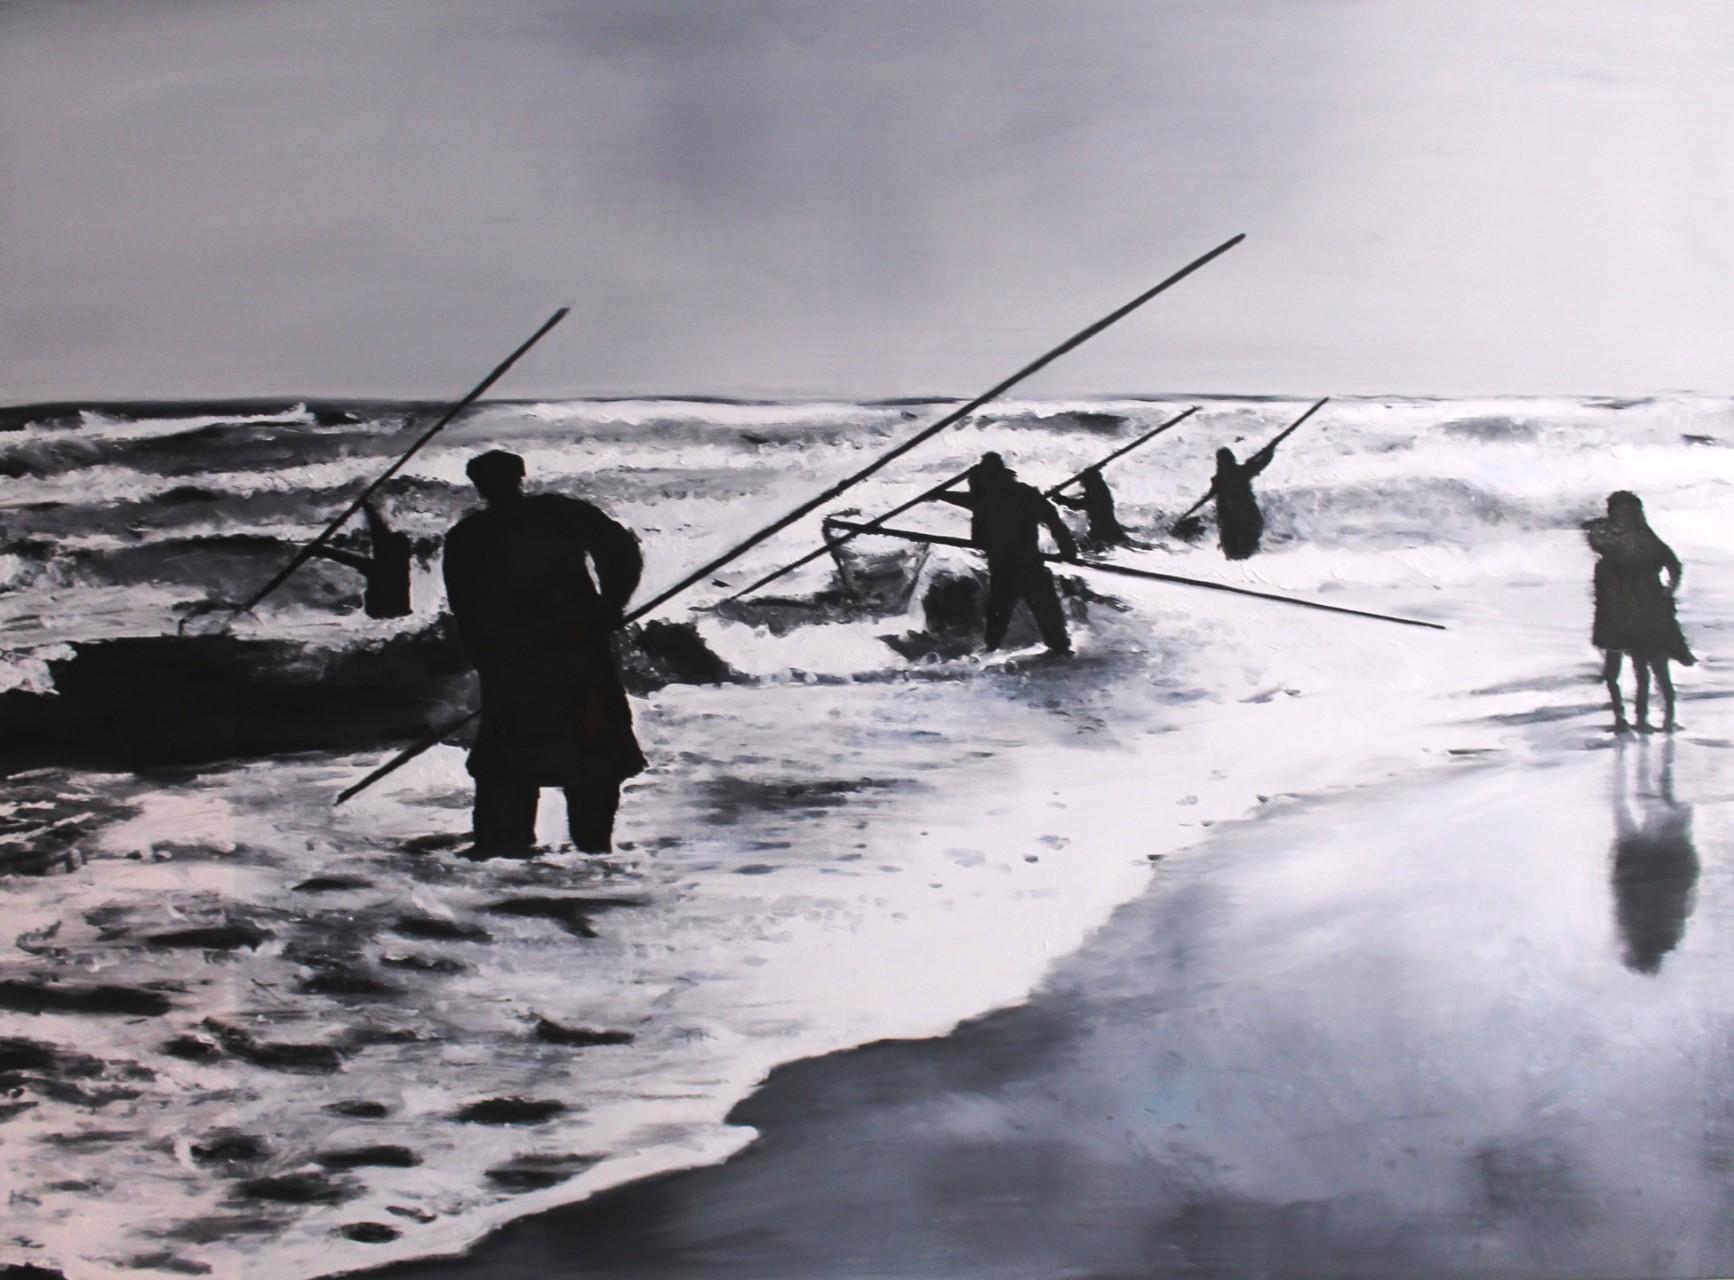 Bernsteinfischer, 2014, Öl auf Leinwand, 100 x 140 cm, sold